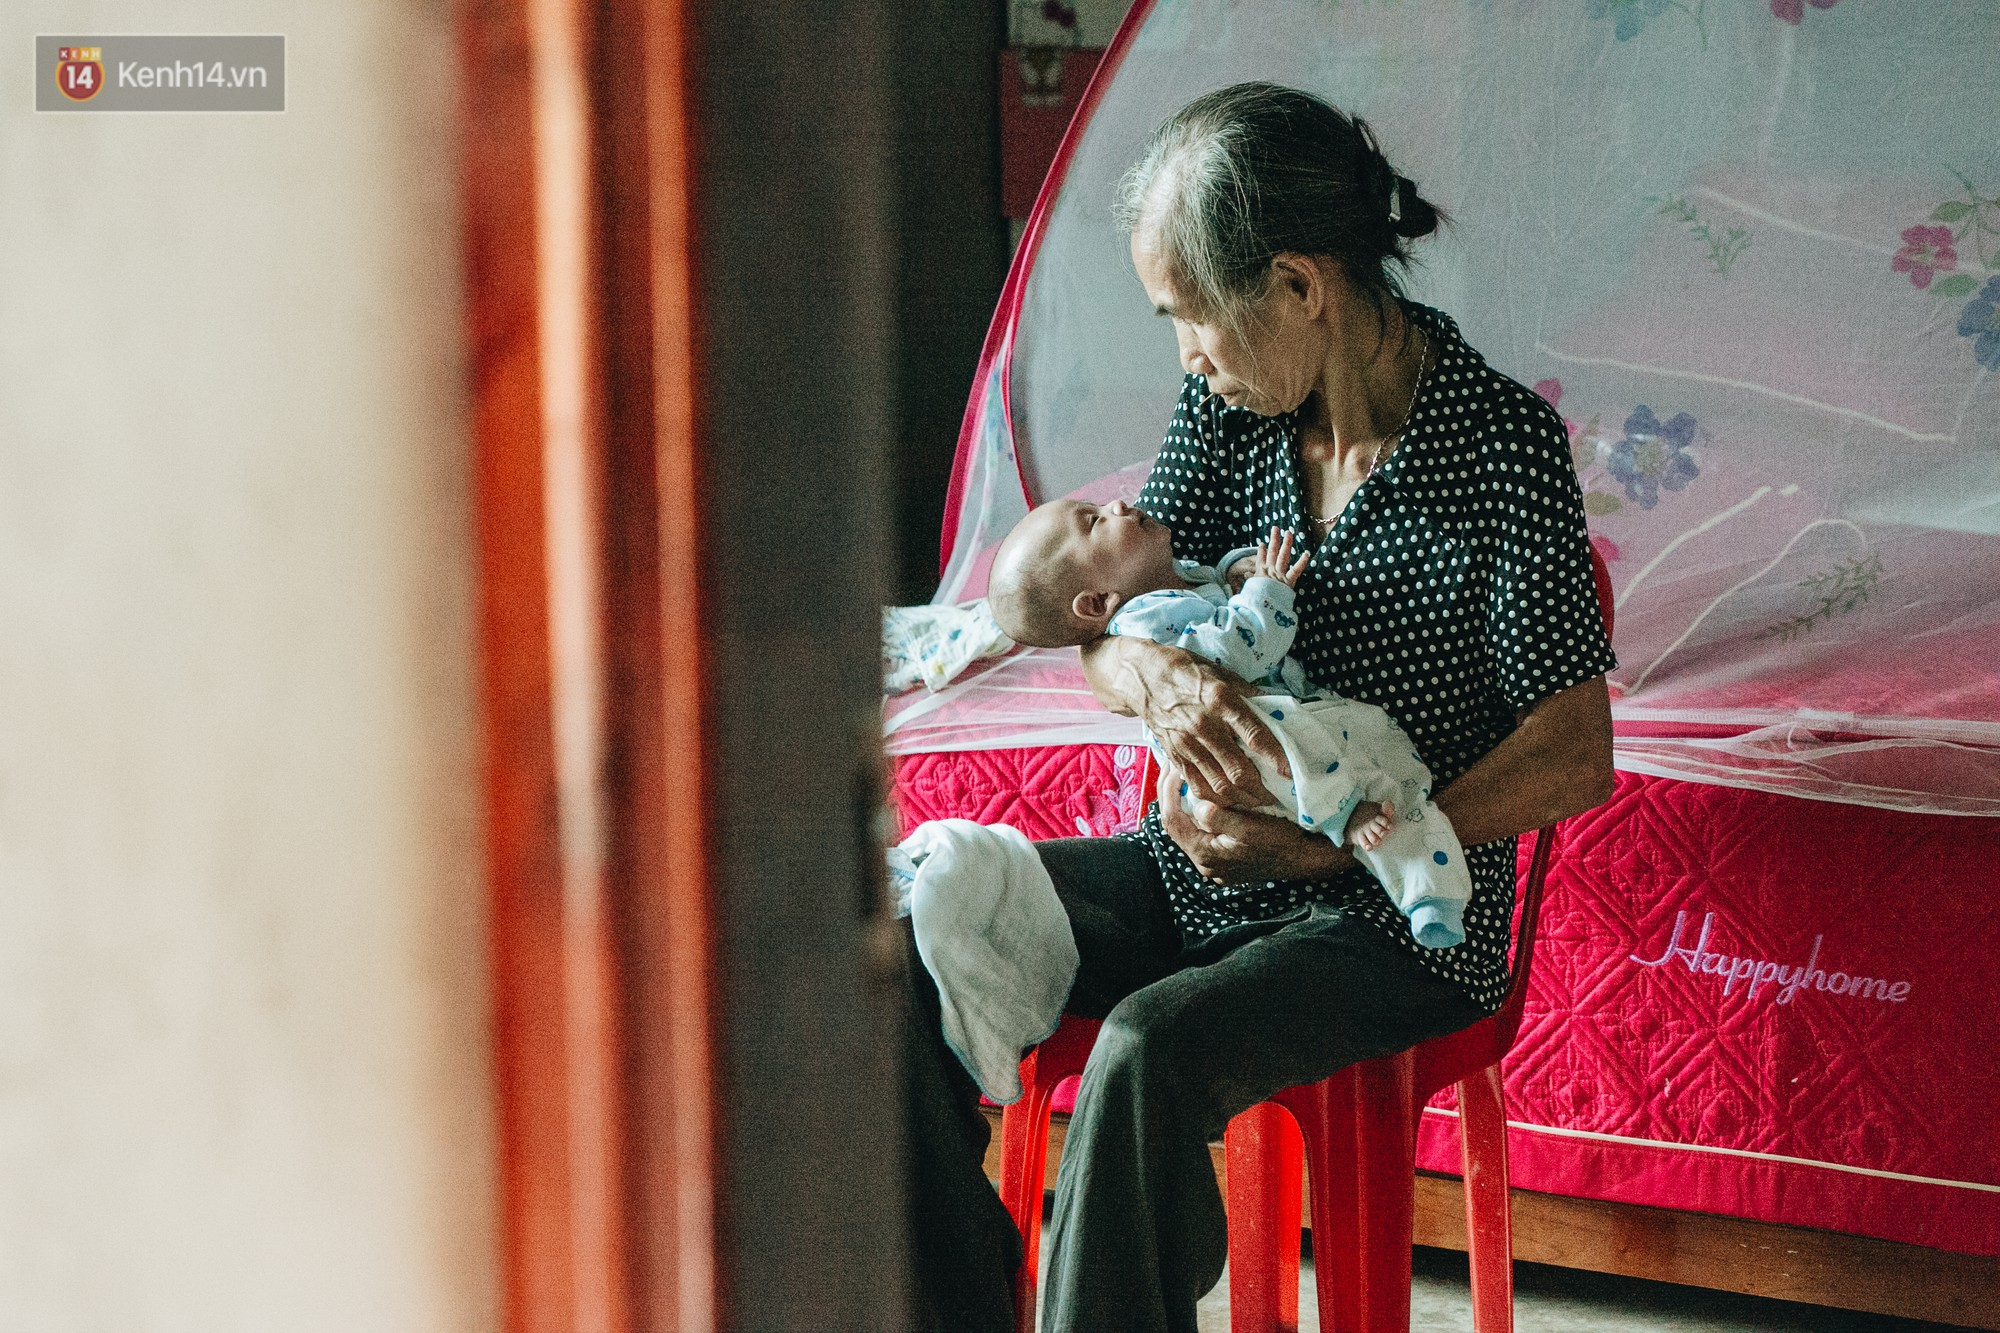 Cuộc sống của 2 đứa trẻ sau vụ cháy lớn ở Đê La Thành: Con chỉ biết pha sữa chứ không dám bế em, sợ em ngã-17